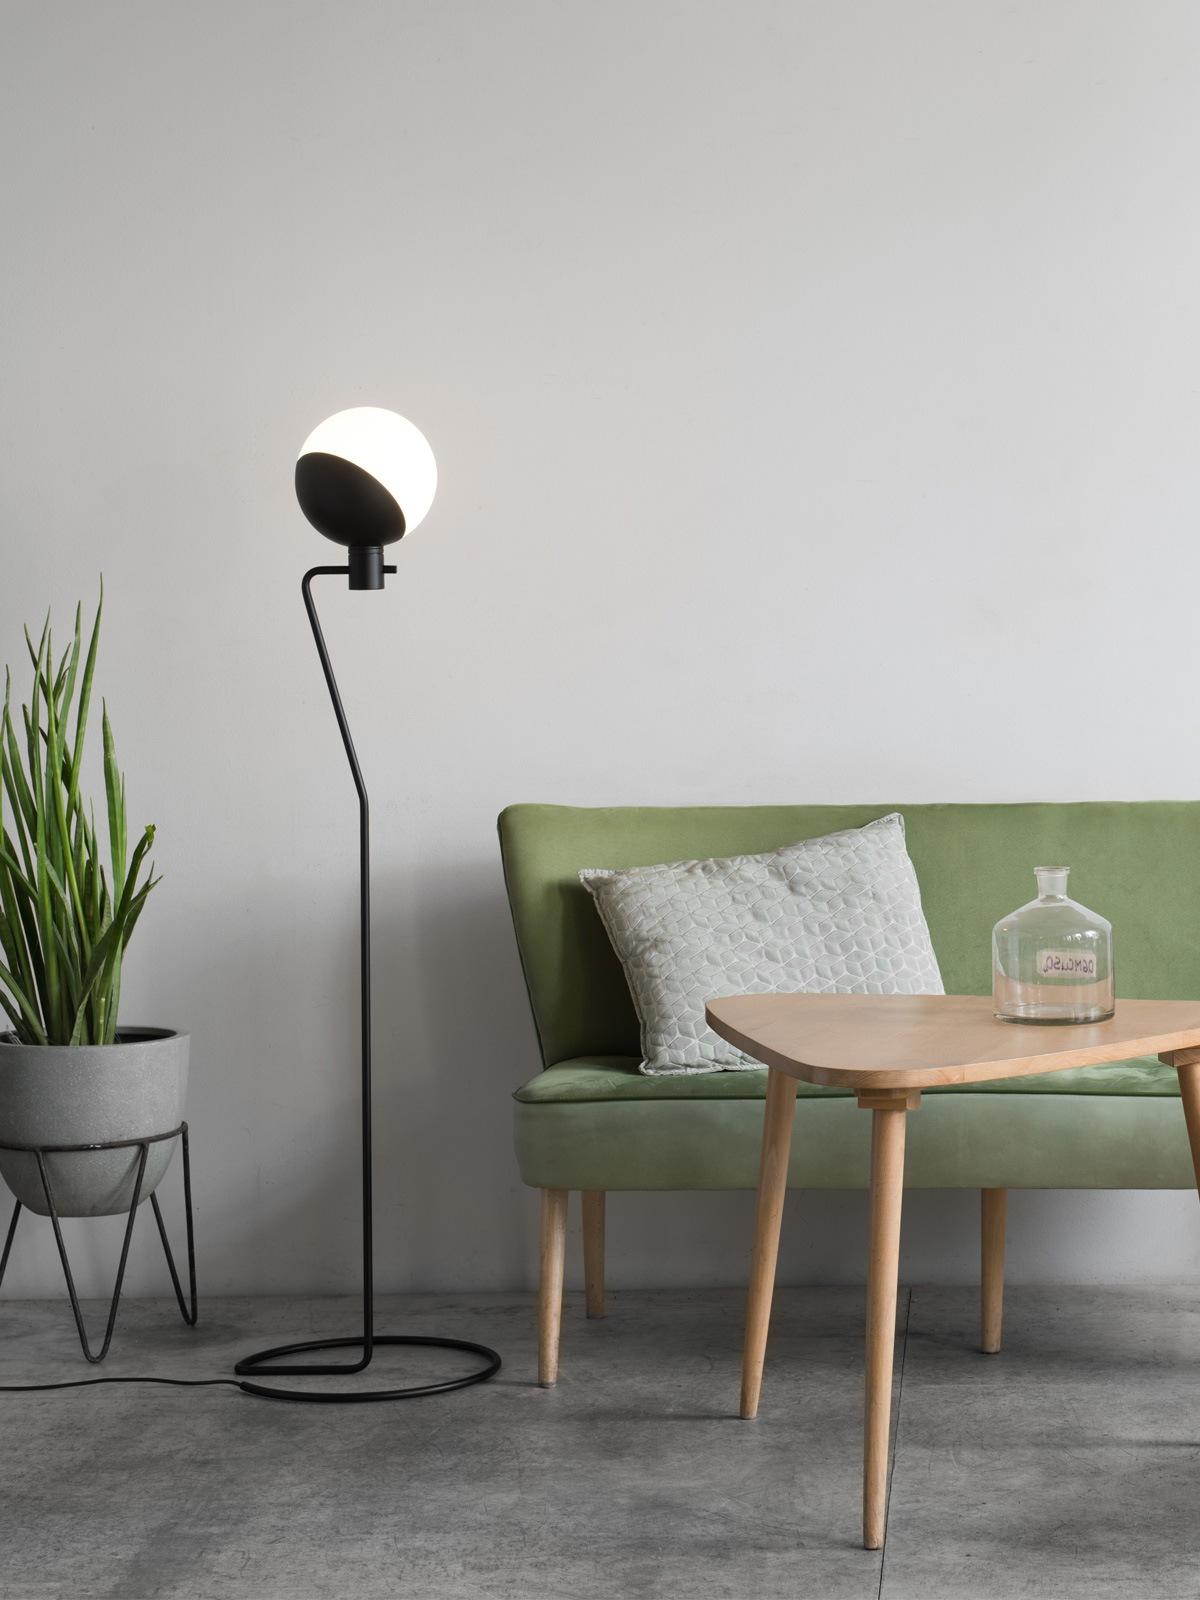 Baluna Floor Stehleuchte Grupa Products Designort Lampen